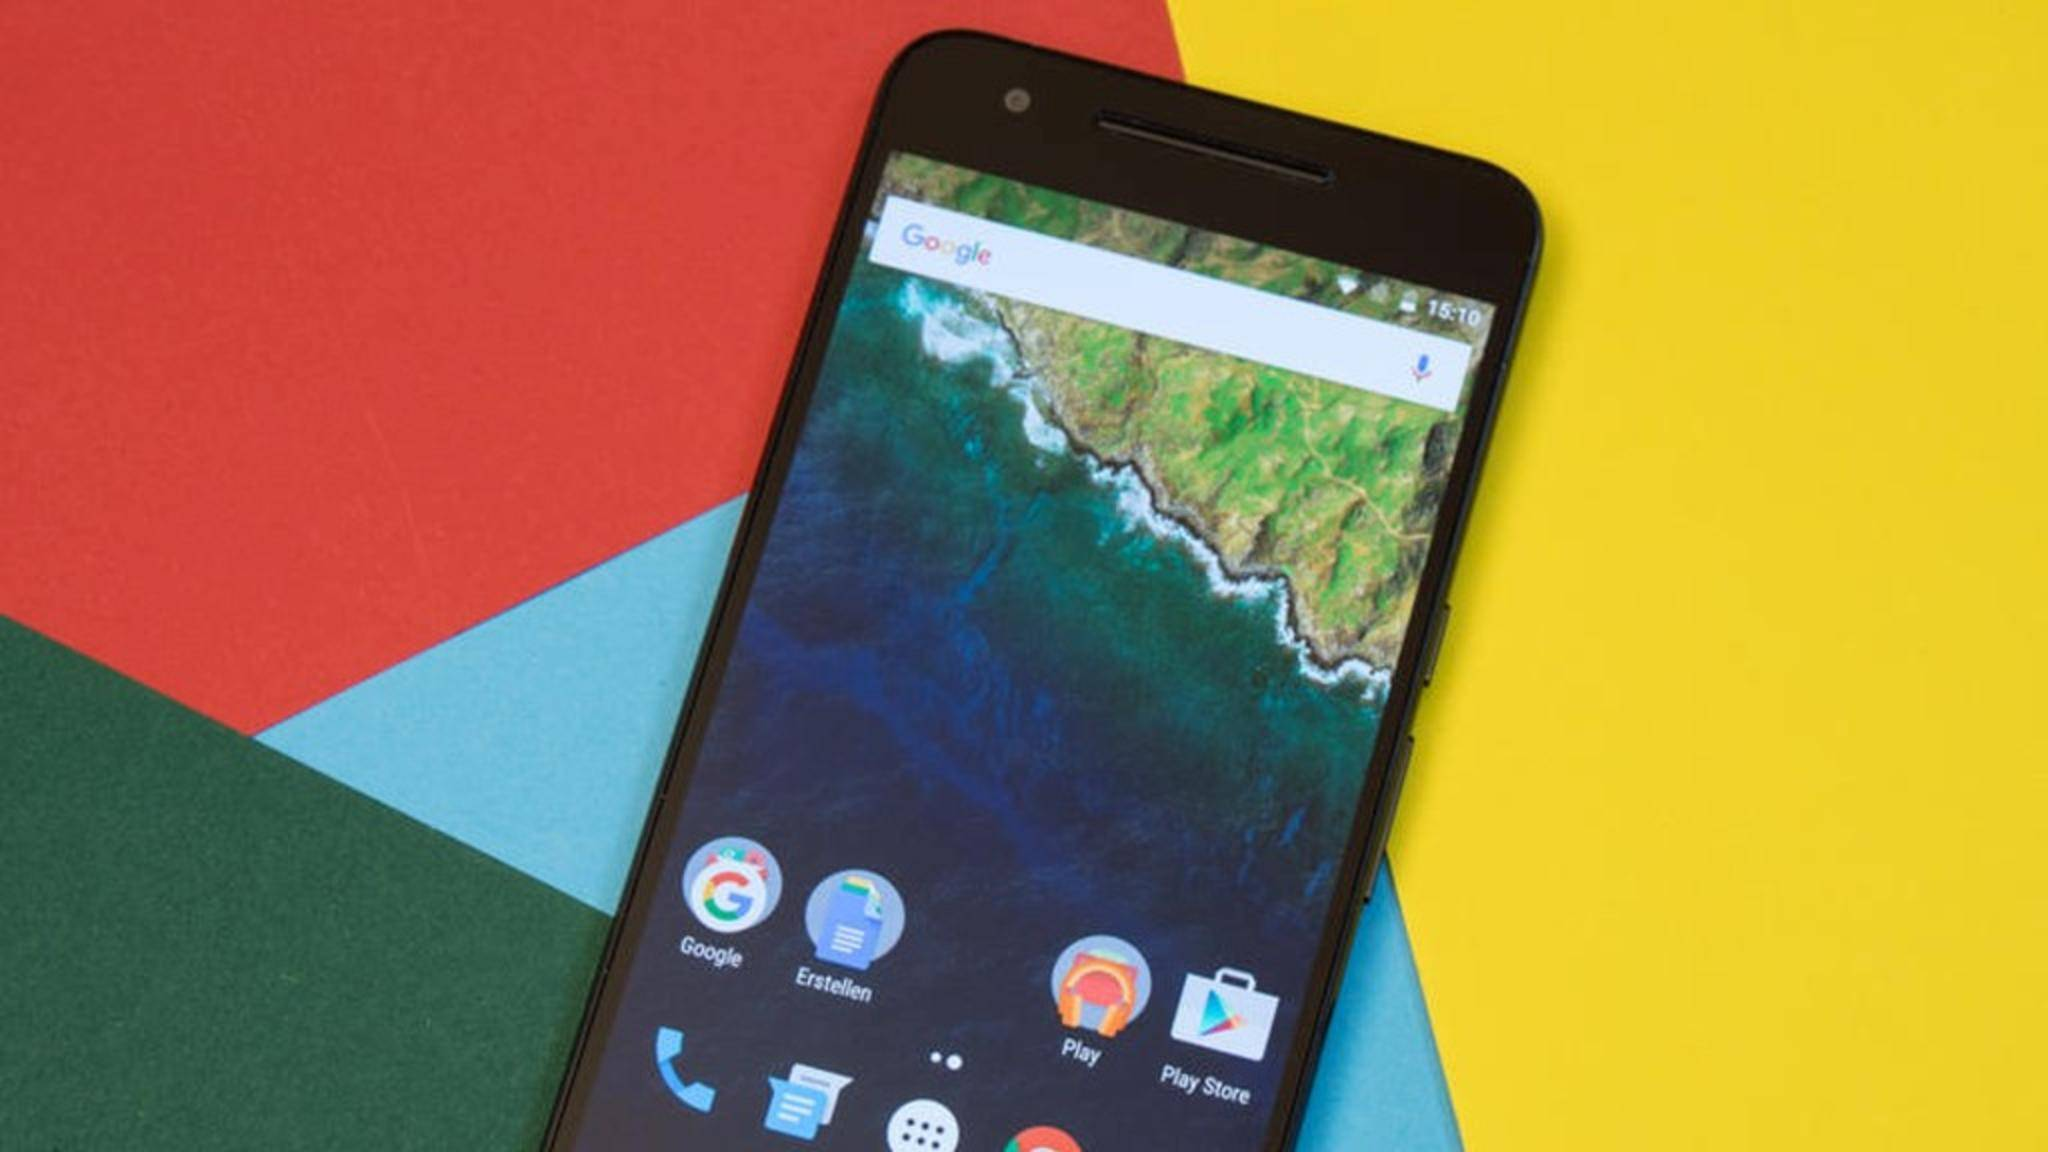 Das Android 7.0-Update hat offenbar ein Akku-Problem bei einigen Nexus 6P-Geräten ausgelöst.